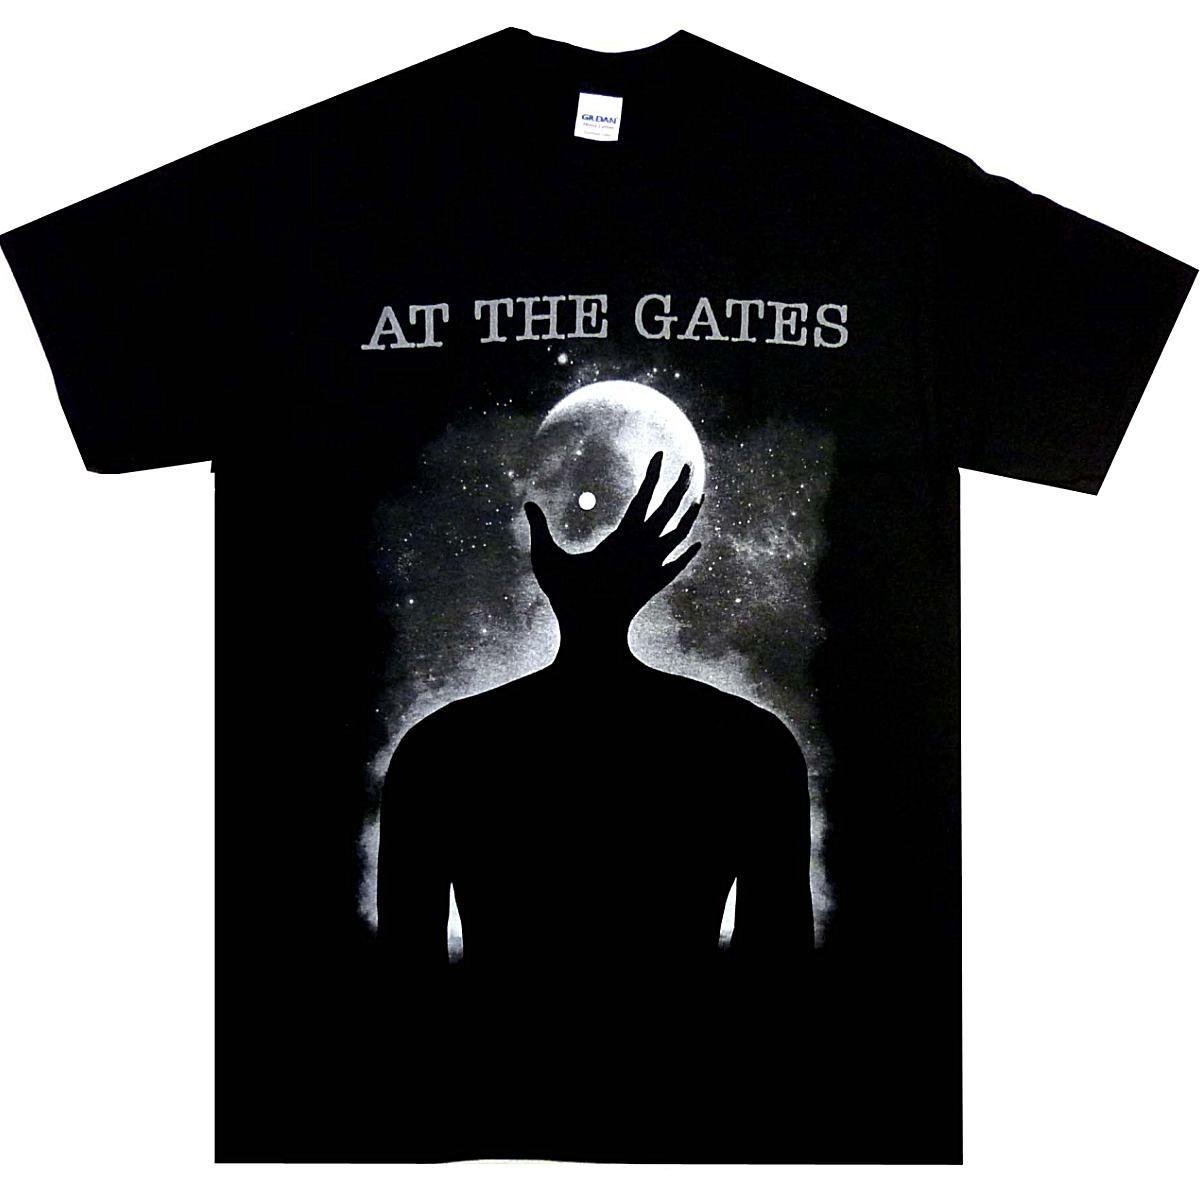 a9fe7edd81 At The Gates Moon Hand Shirt S M L Xl Official Death Metal Tshirt T Shirt  New